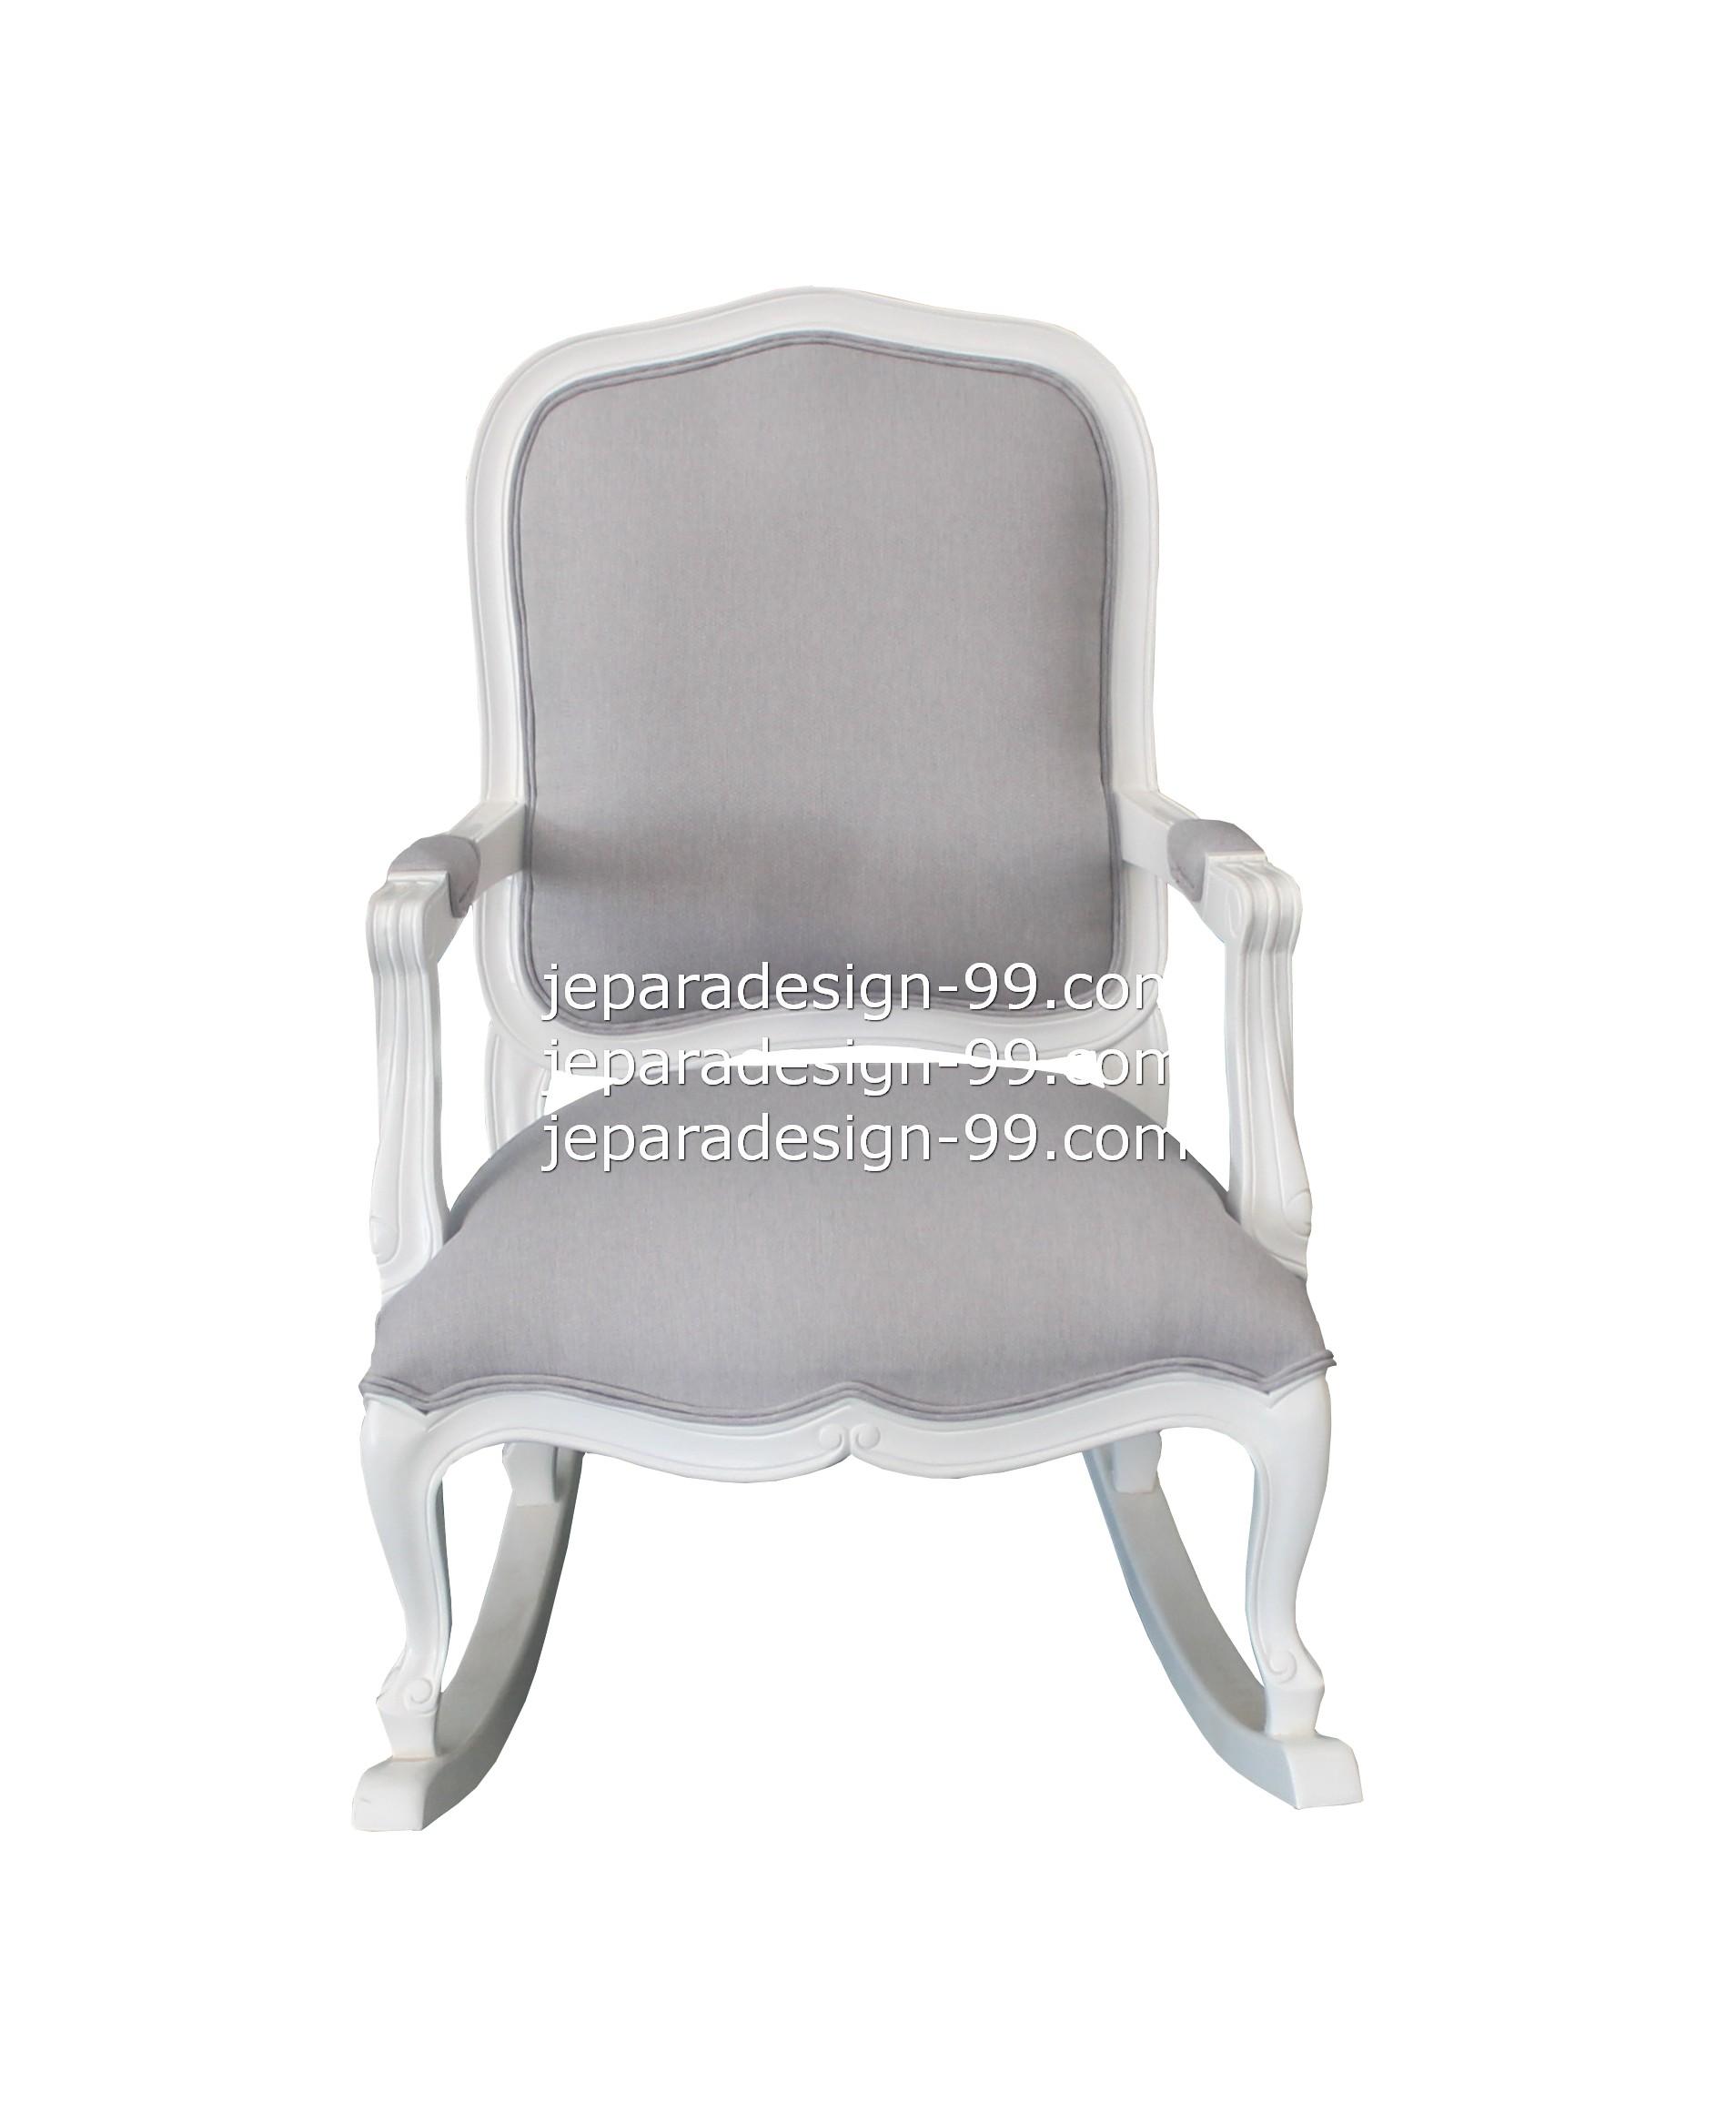 chaise classique provinciale fran aise par jepara design 99. Black Bedroom Furniture Sets. Home Design Ideas